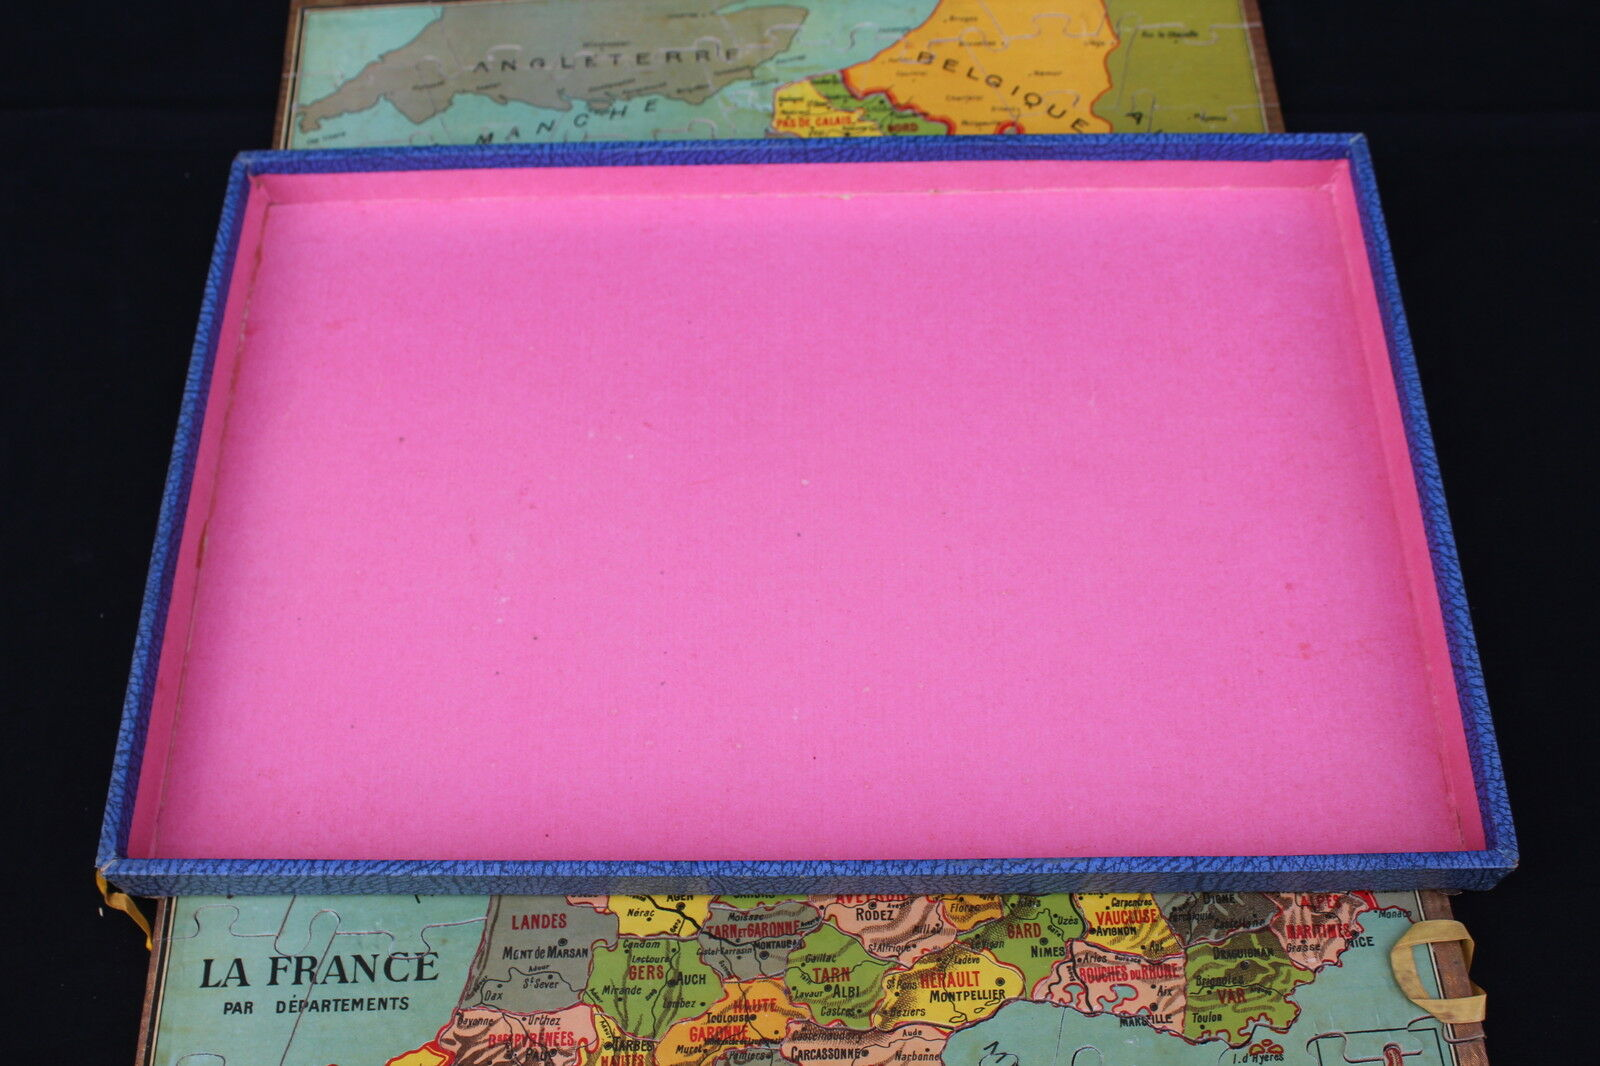 Ancien Jeu puzzle bois La FRANCE FRANCE FRANCE par départeHommes ts patience géographie 51*42 XIX b87a25